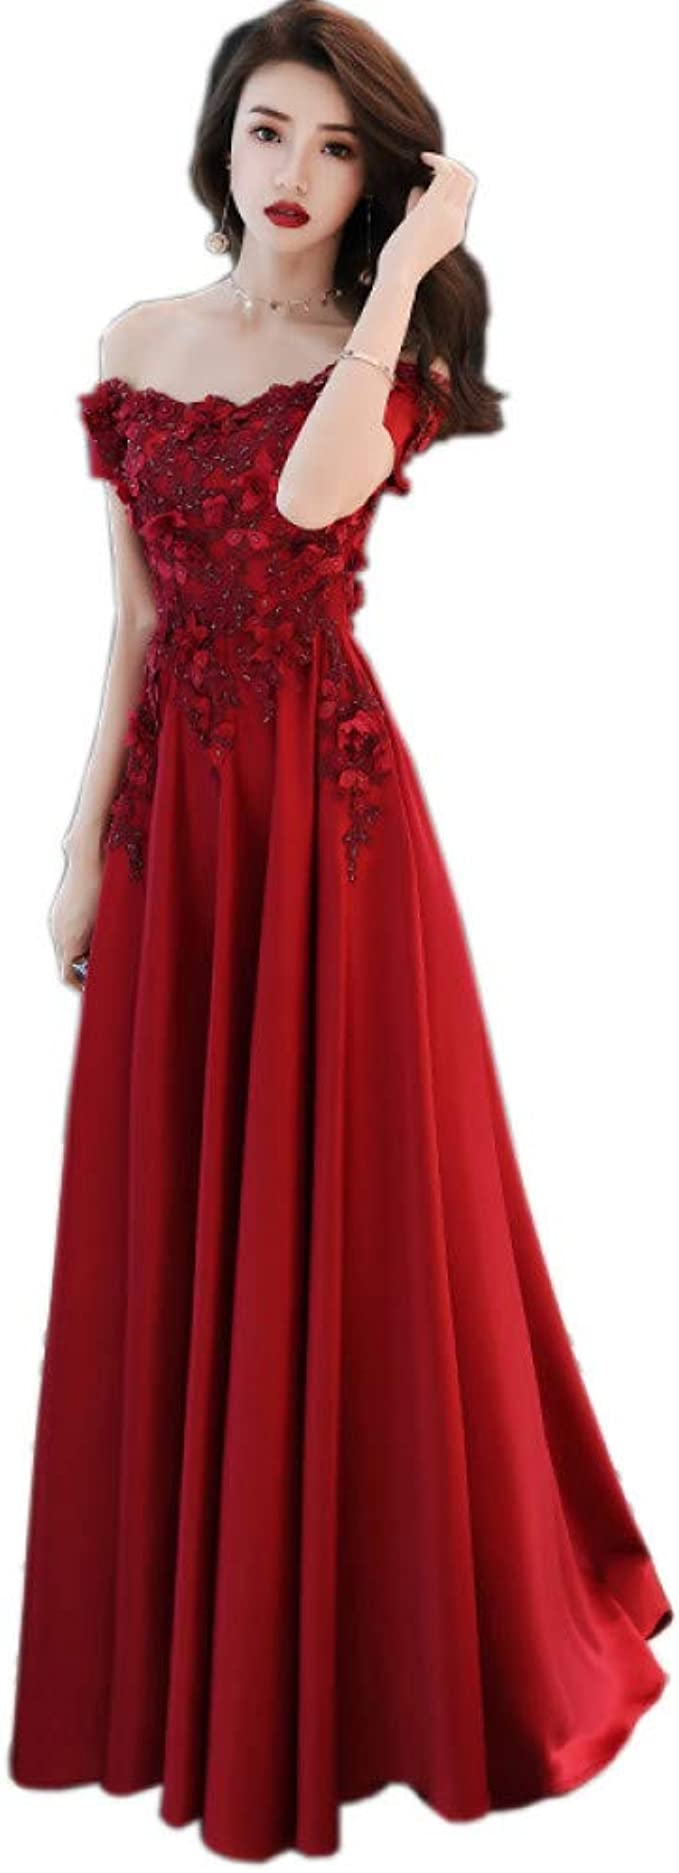 Rotes Satin Kleid Lang - Abendkleider & elegante Ballkleider